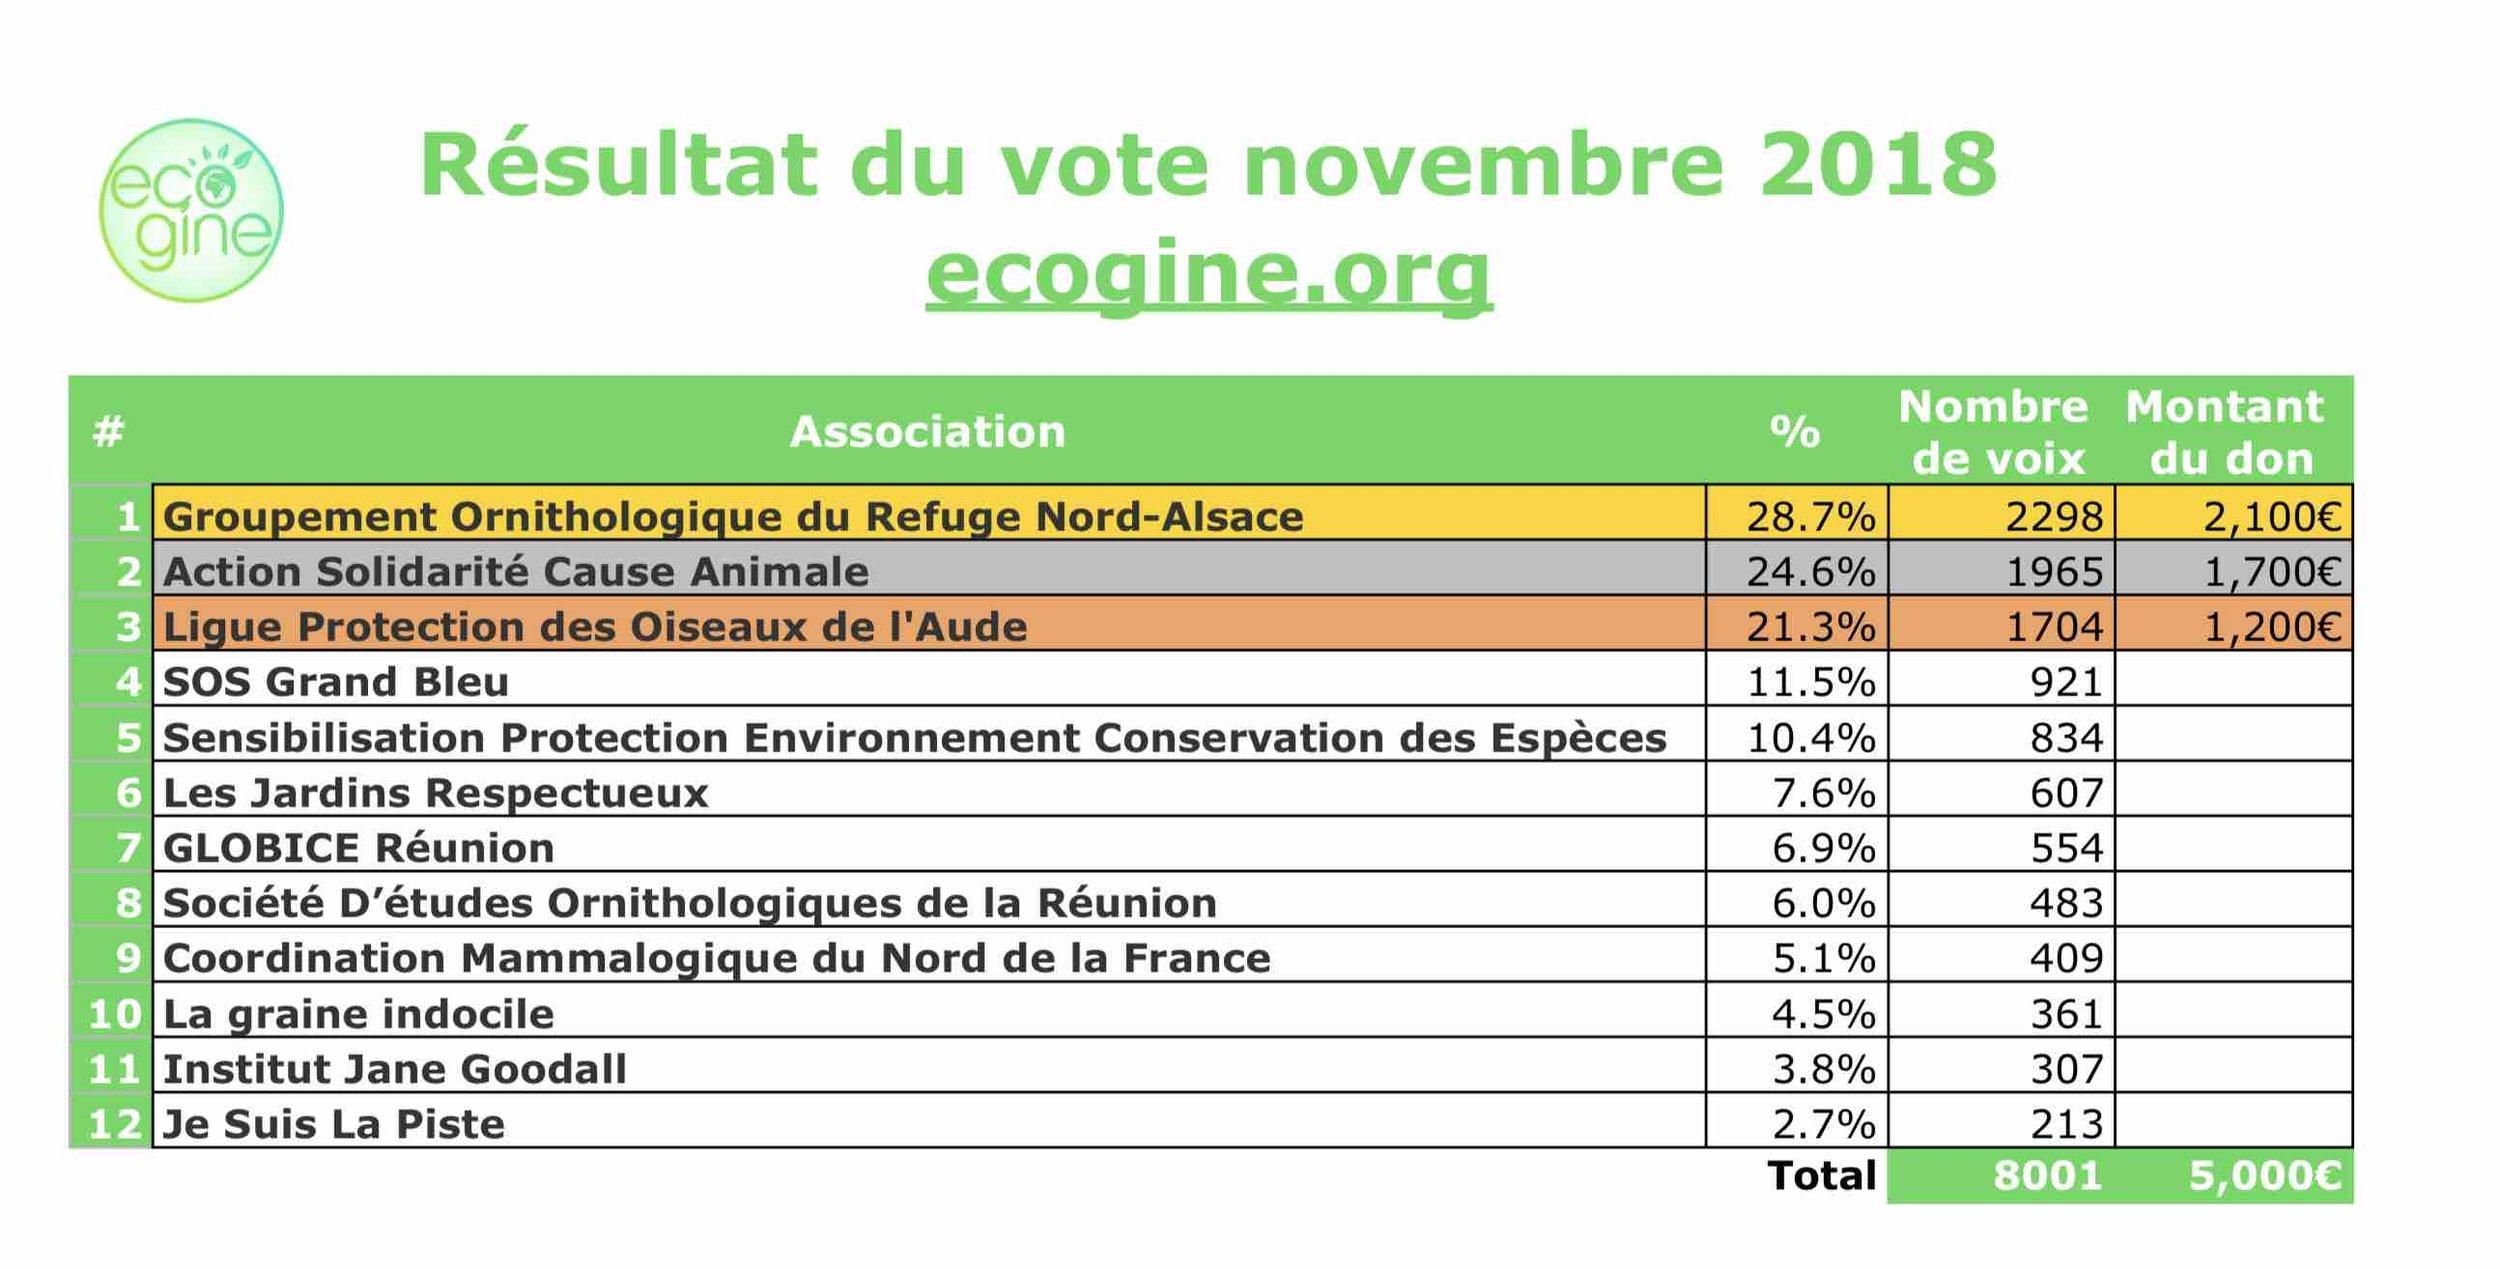 Association_soutenues_ecogine